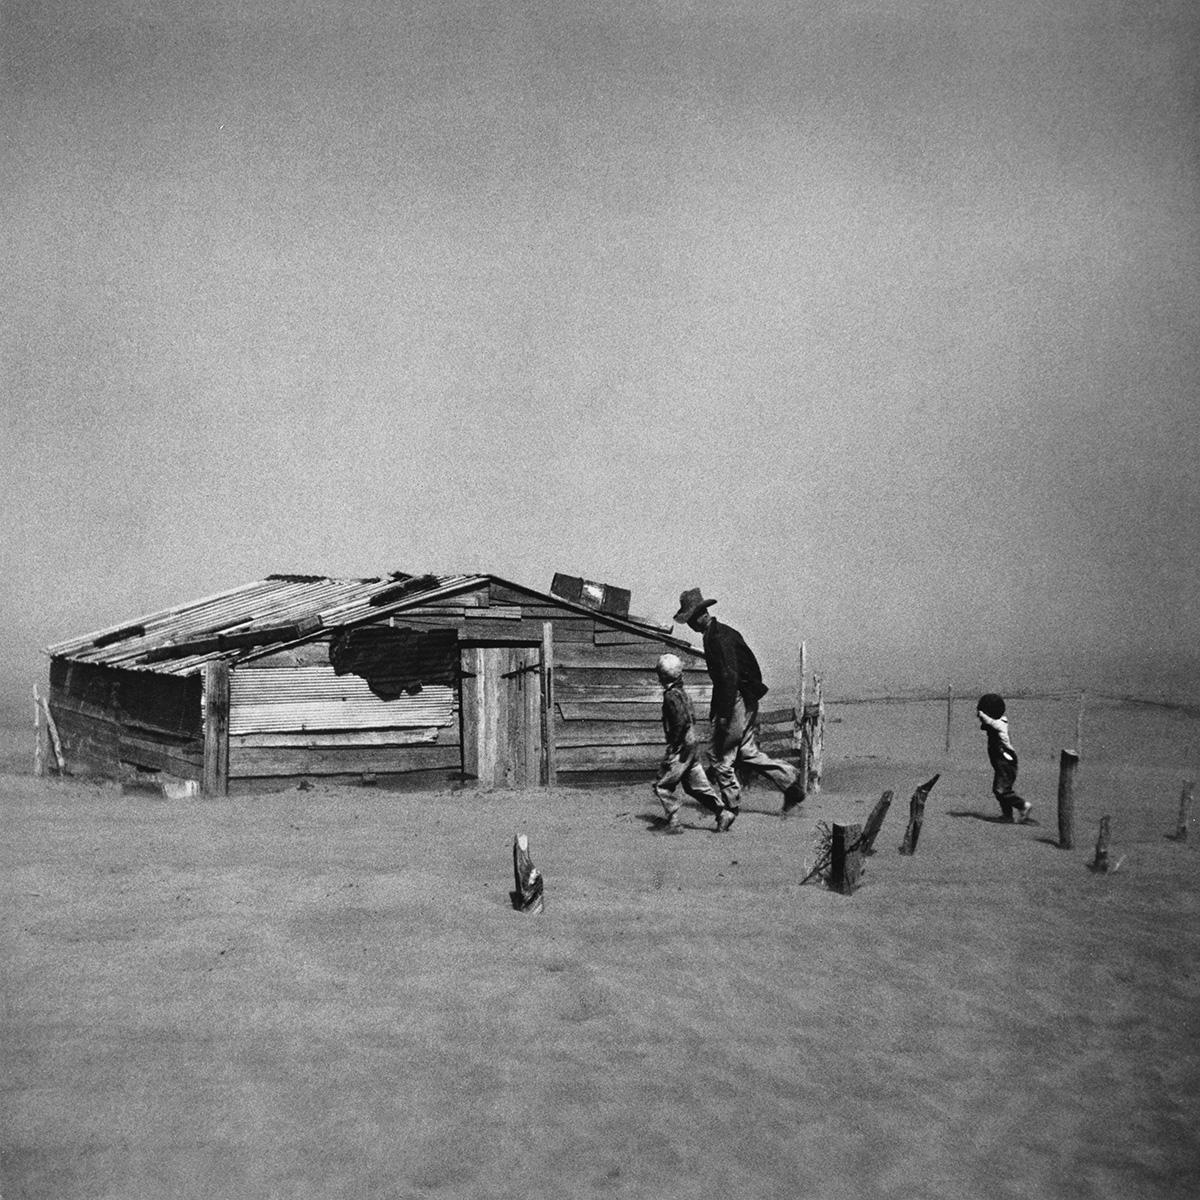 ARTHUR-ROTHSTEIN-(1915-1985)-Dust-Storm-Cimarron-County-Okla